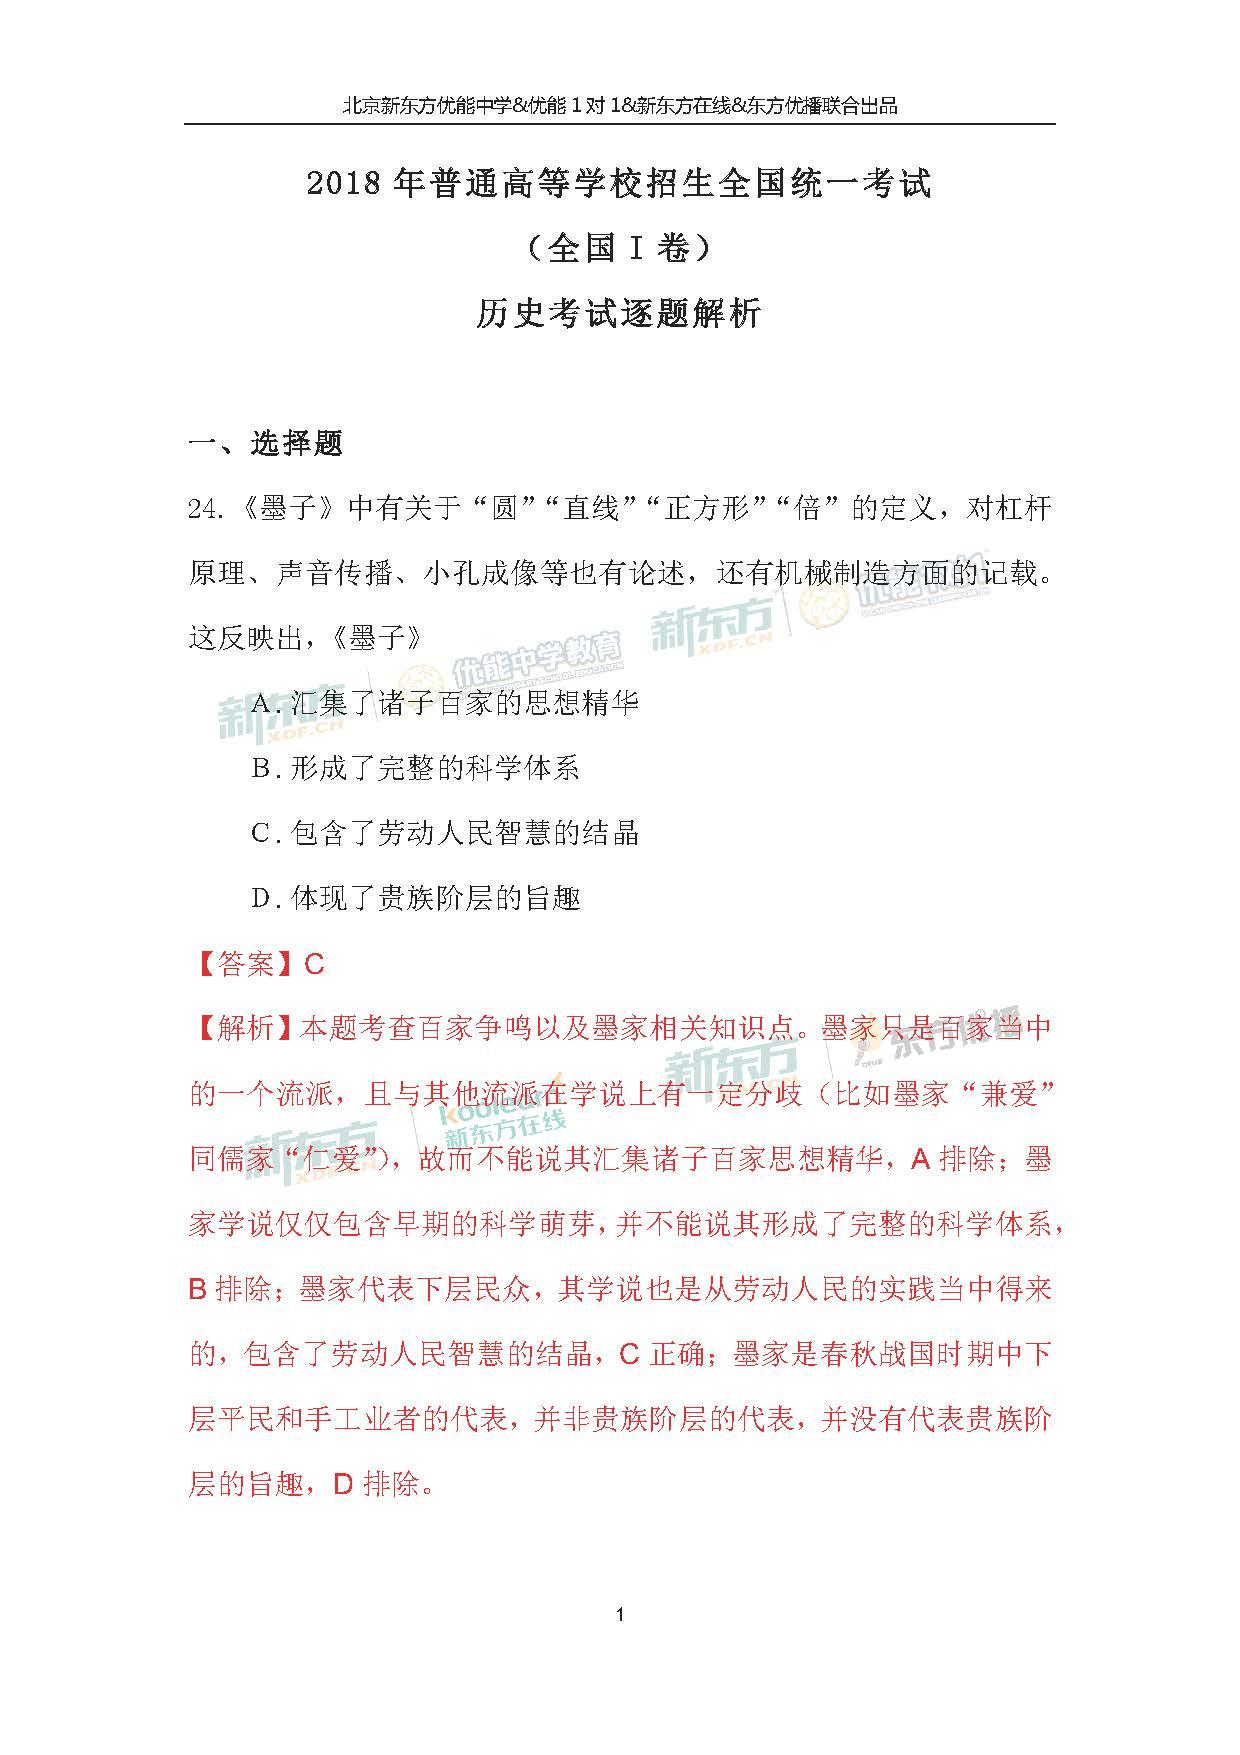 2018全国卷1高考历史试题及答案解析(北京新东方)